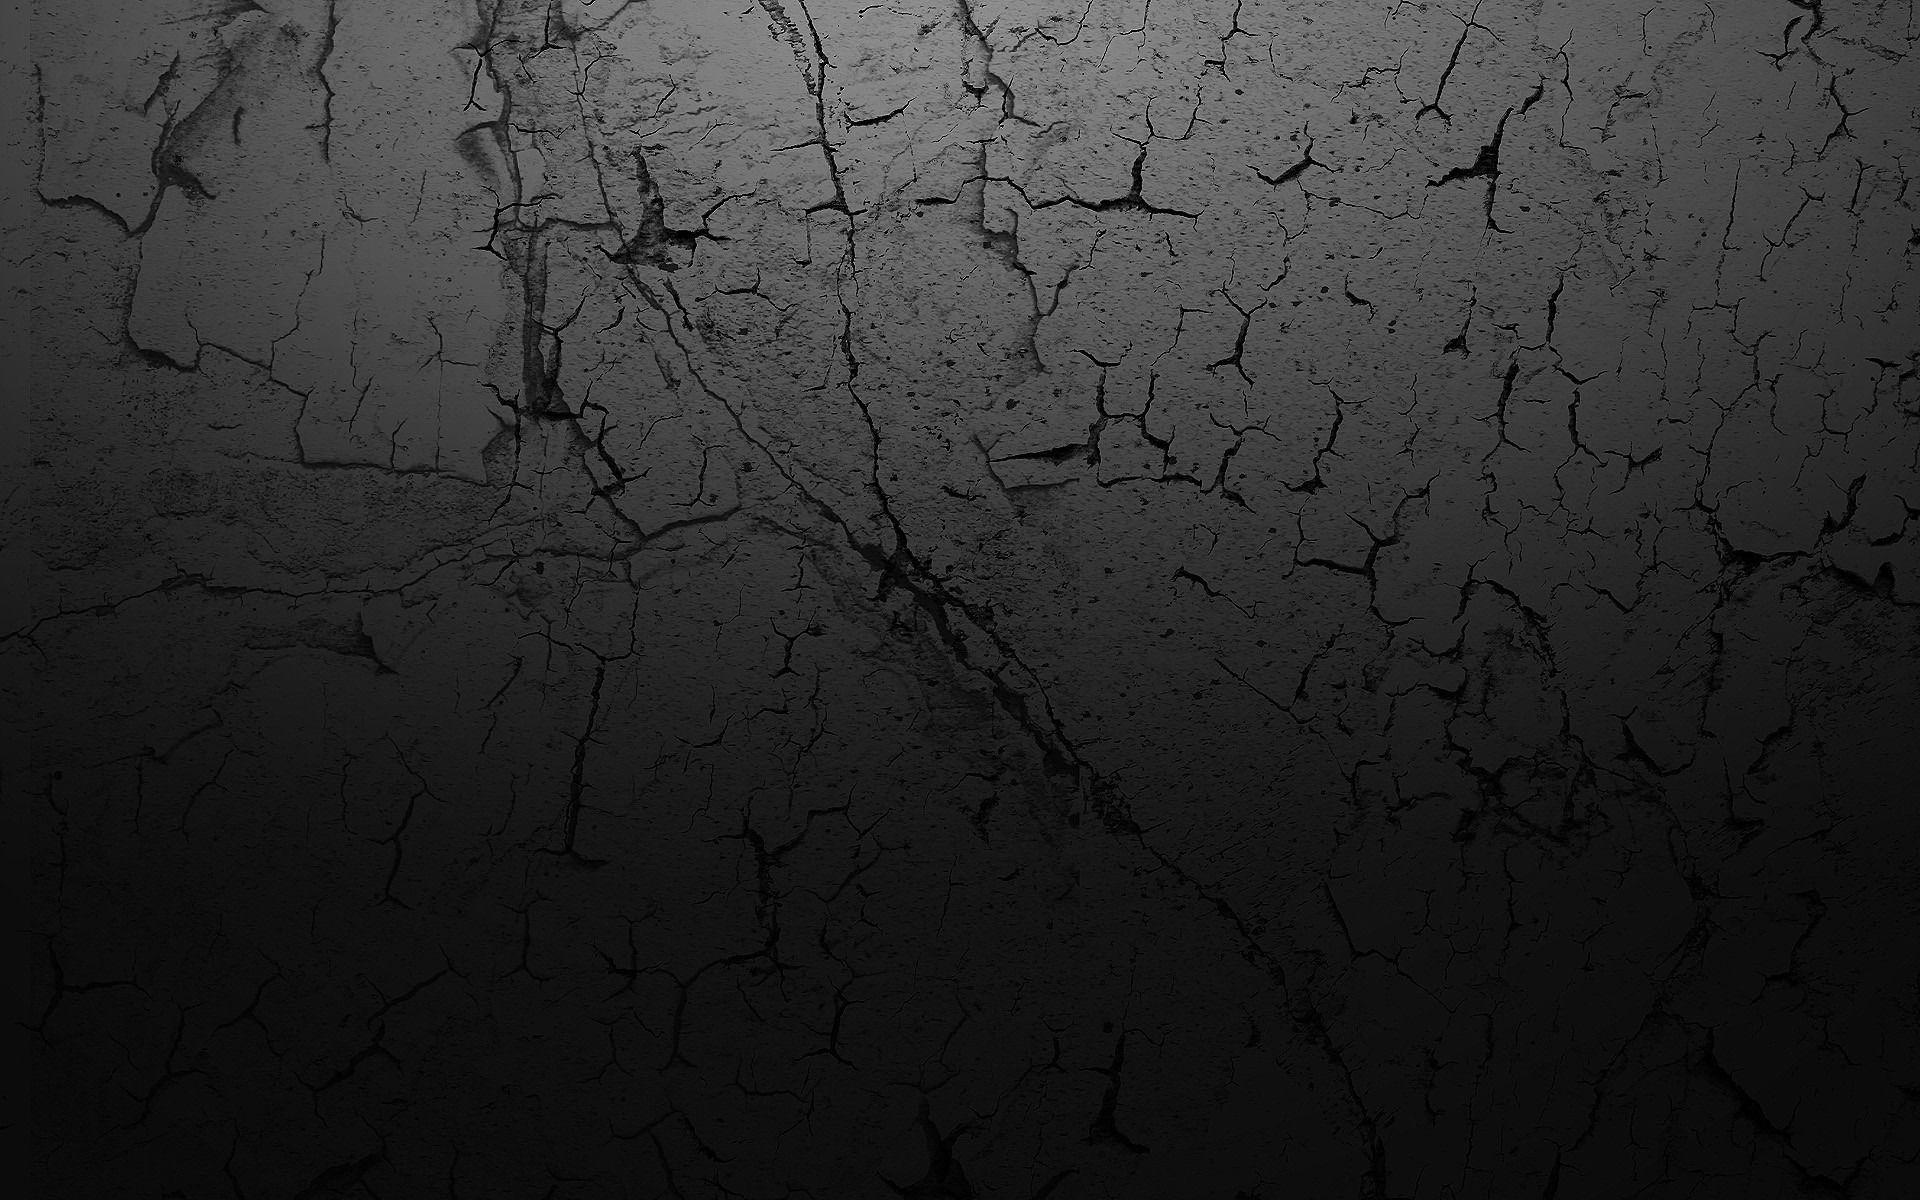 jagodunya-texture-wall-cracks-creative-background-wallpaper